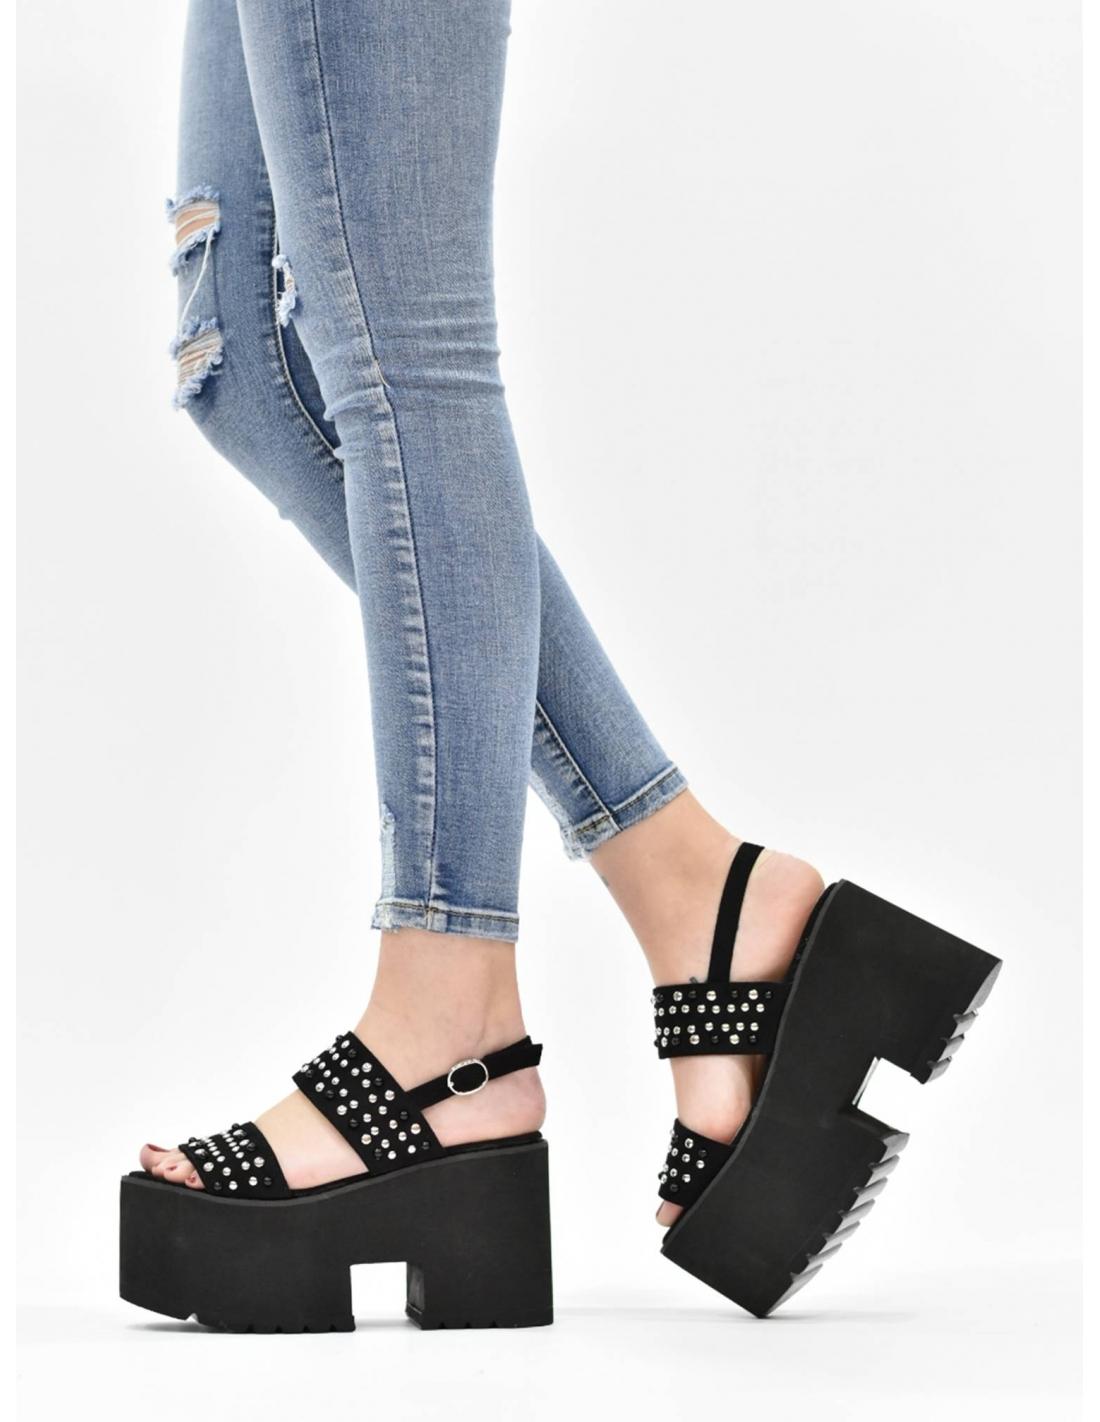 Sandalia de plataforma negra con...